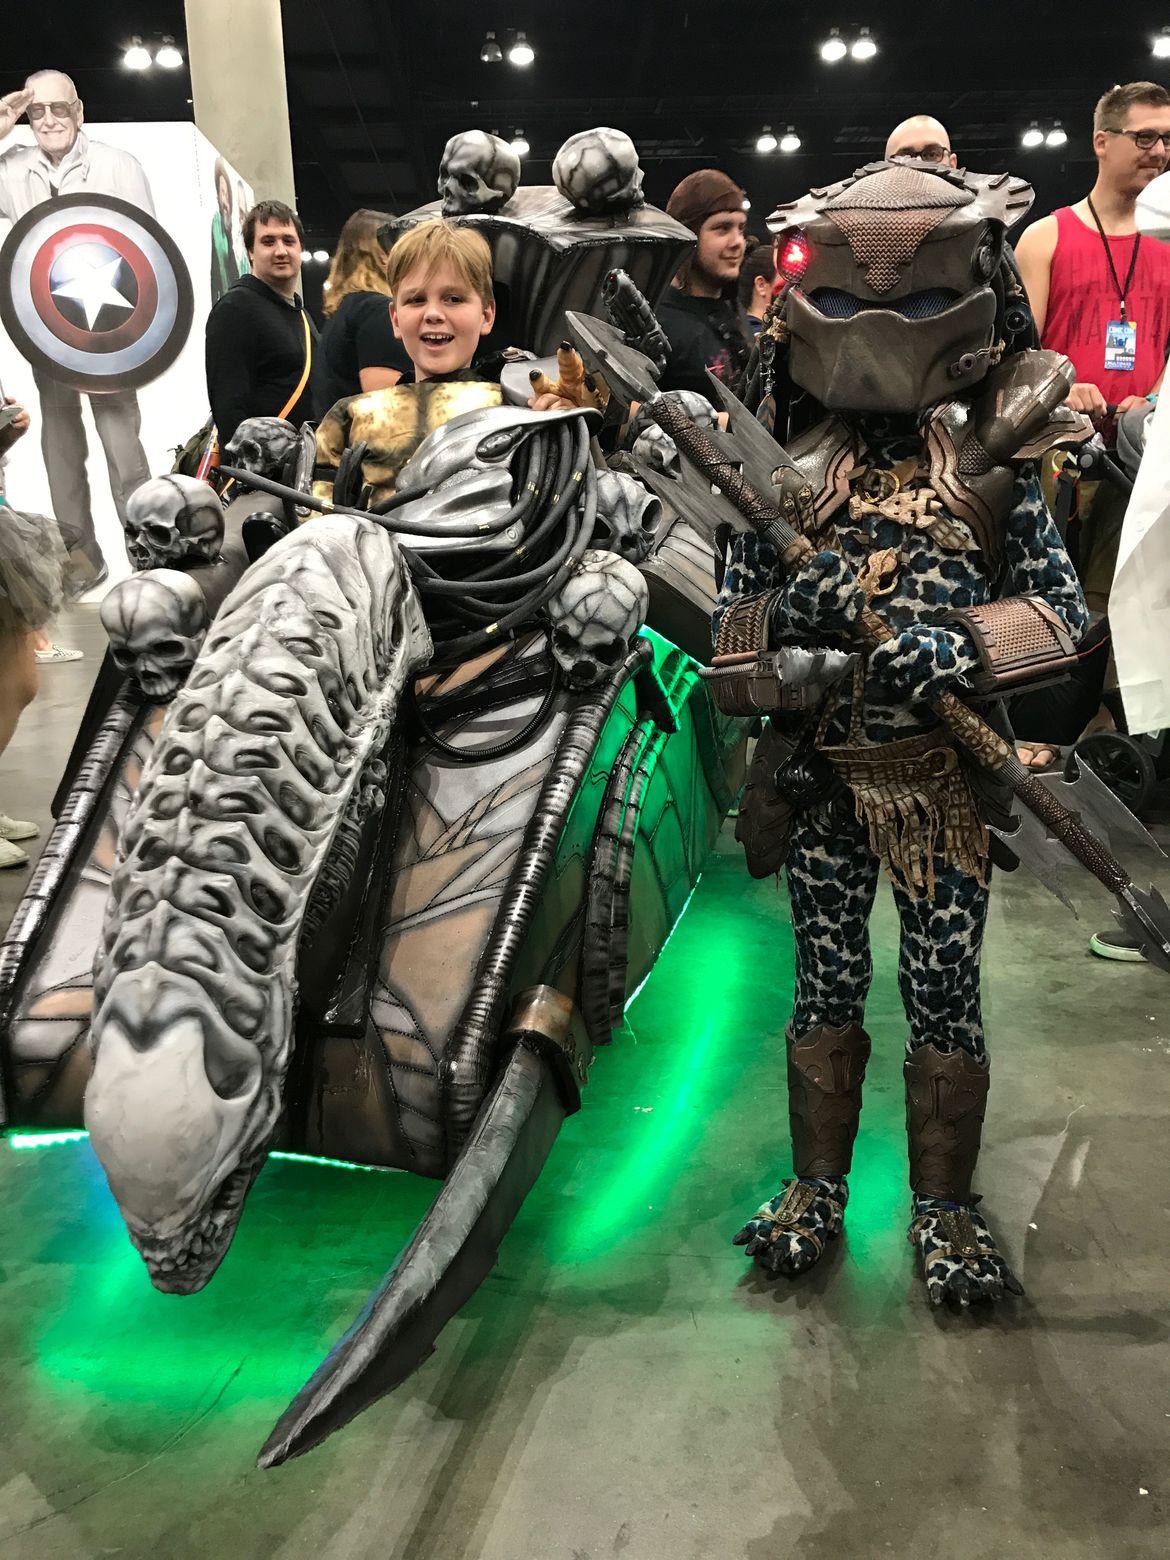 Lucas Predator Reveal 5